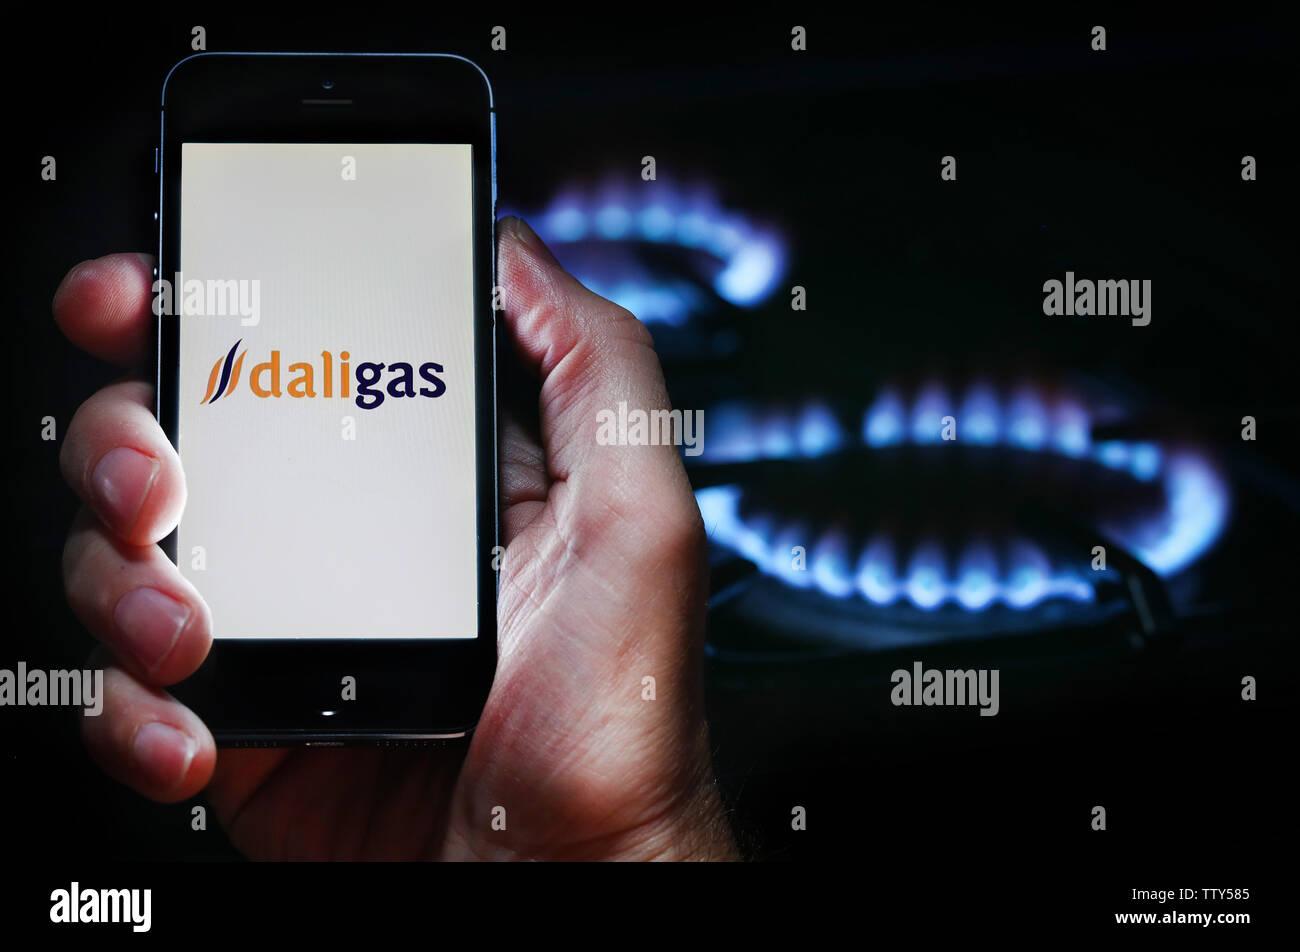 Un uomo che guarda il logo del sito web per la società energetica Daligas sul suo telefono cellulare nella parte anteriore della sua cucina a gas (solo uso editoriale) Immagini Stock